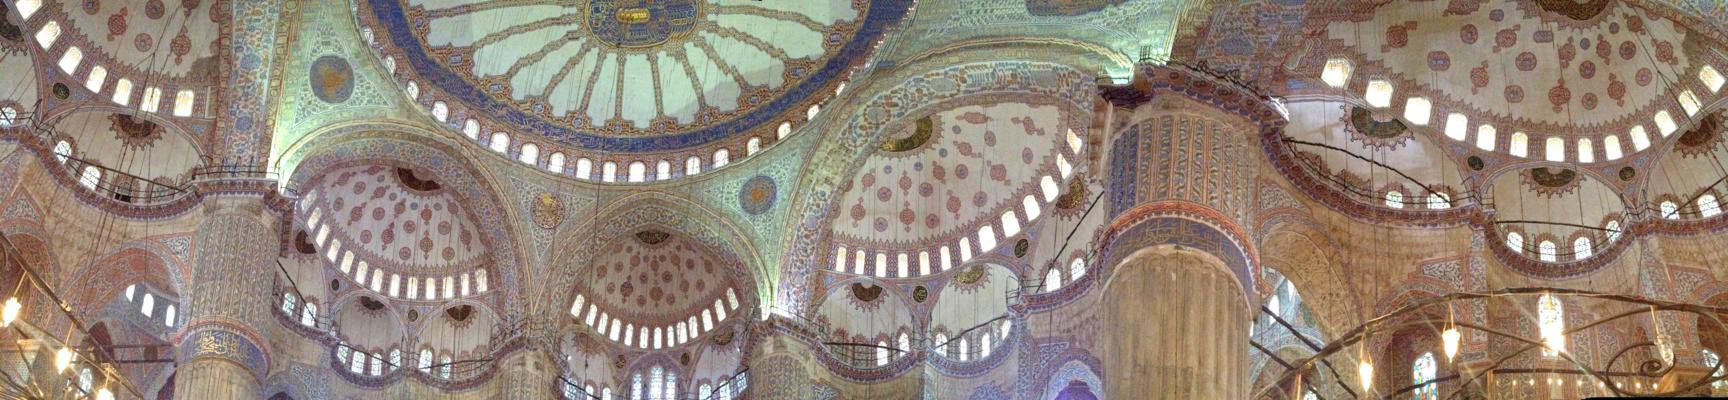 mezquita-azul-8